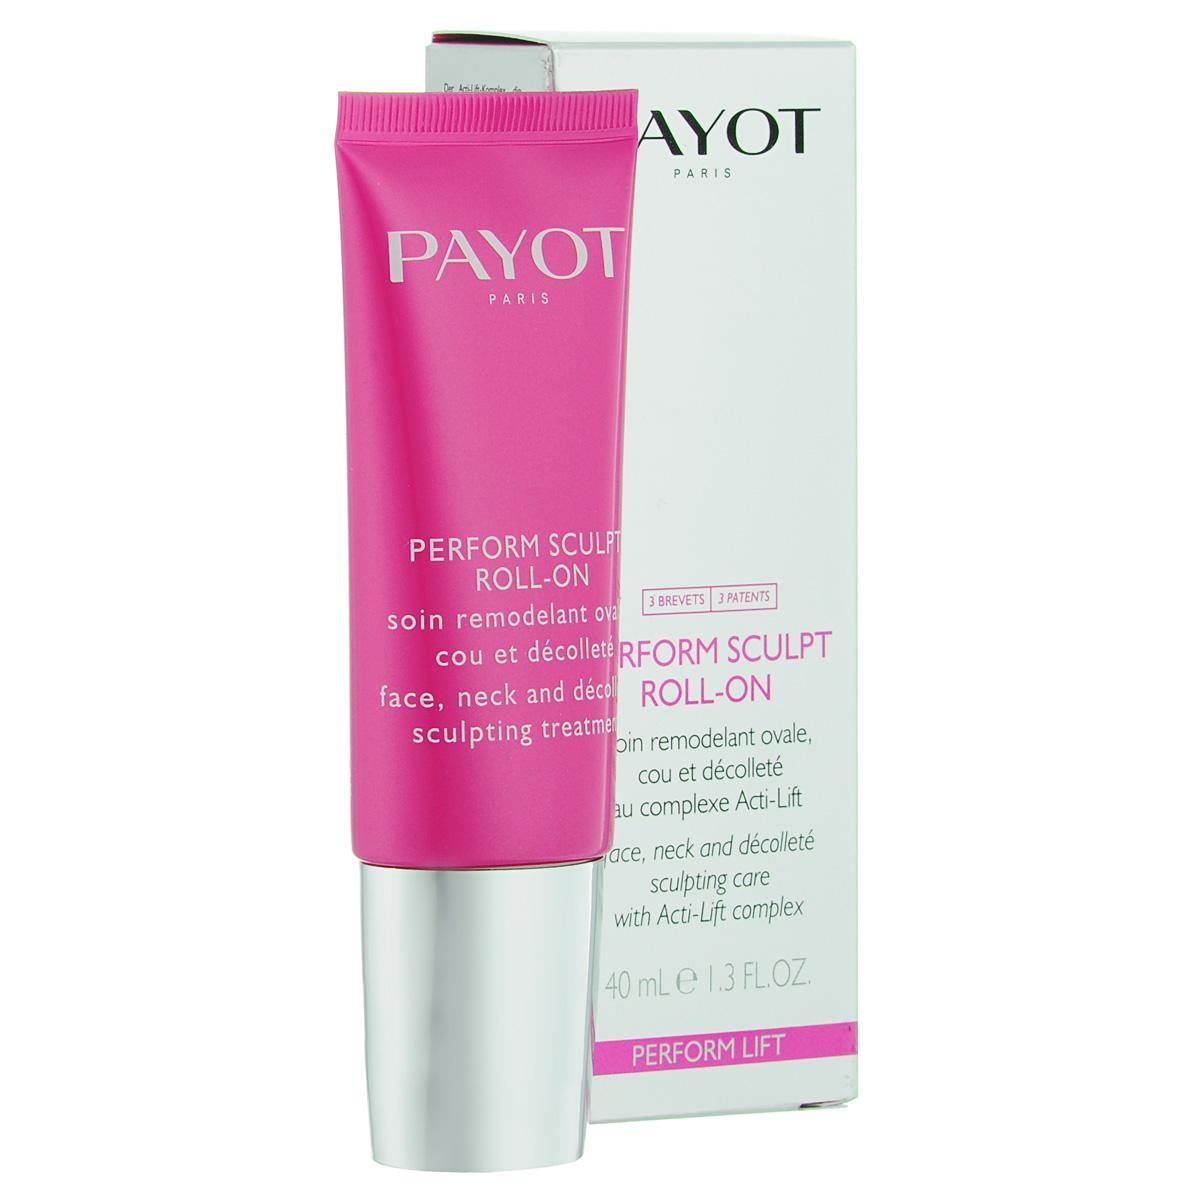 Payot Средство для моделирования овала лица, шеи и декольте Perform Lift 40 мл payot интенсивно укрепляющее и подтягивающее средство perform lift для лица 50 мл